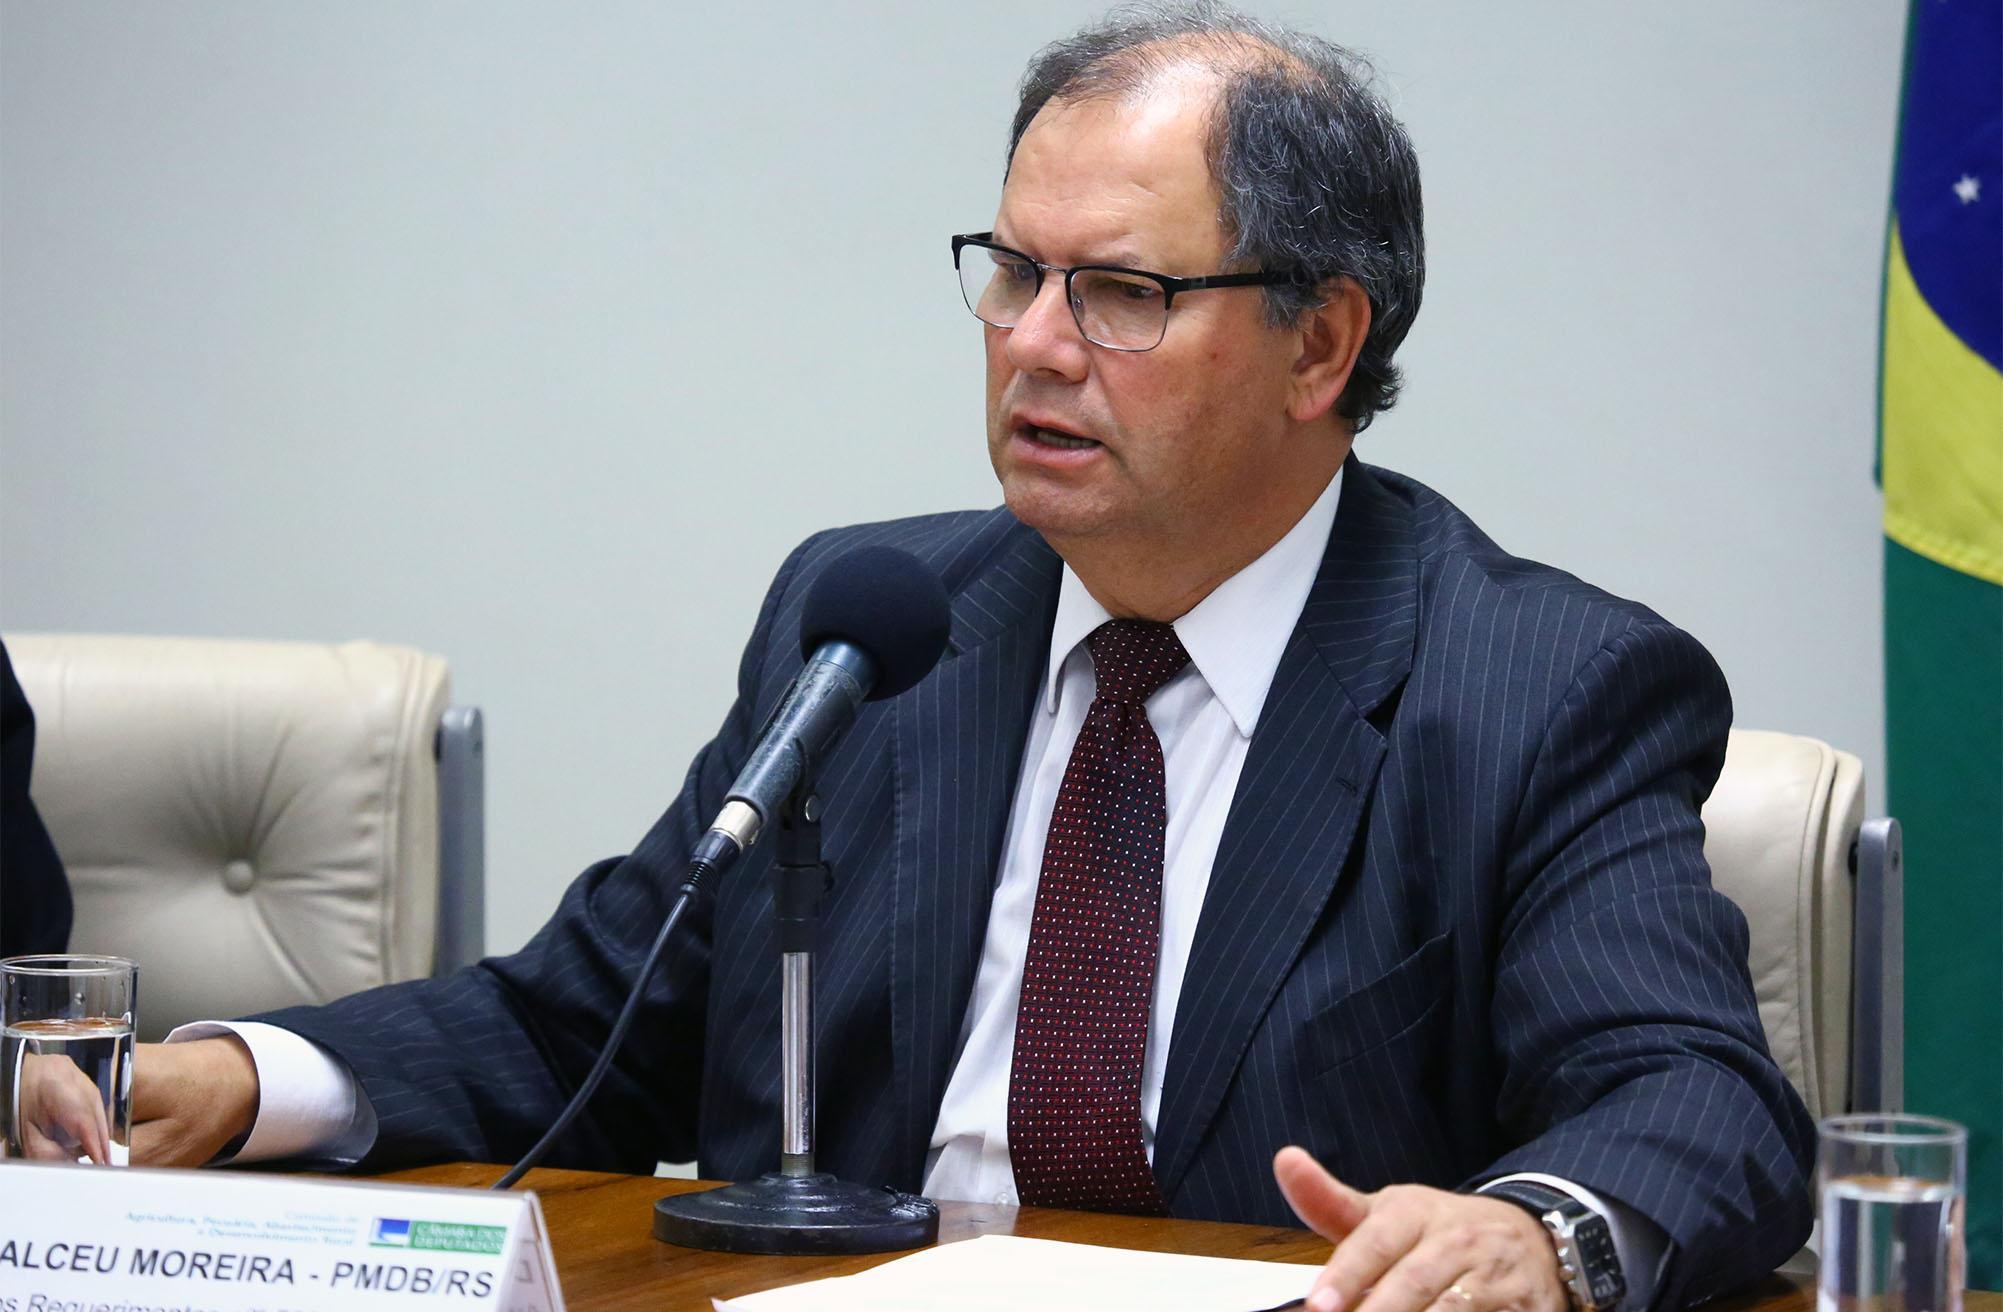 Audiência pública sobre a posição do Brasil na COP 8, bem como a situação atual da cadeia produtiva do tabaco. Dep. Alceu Moreira (MDB - RS)